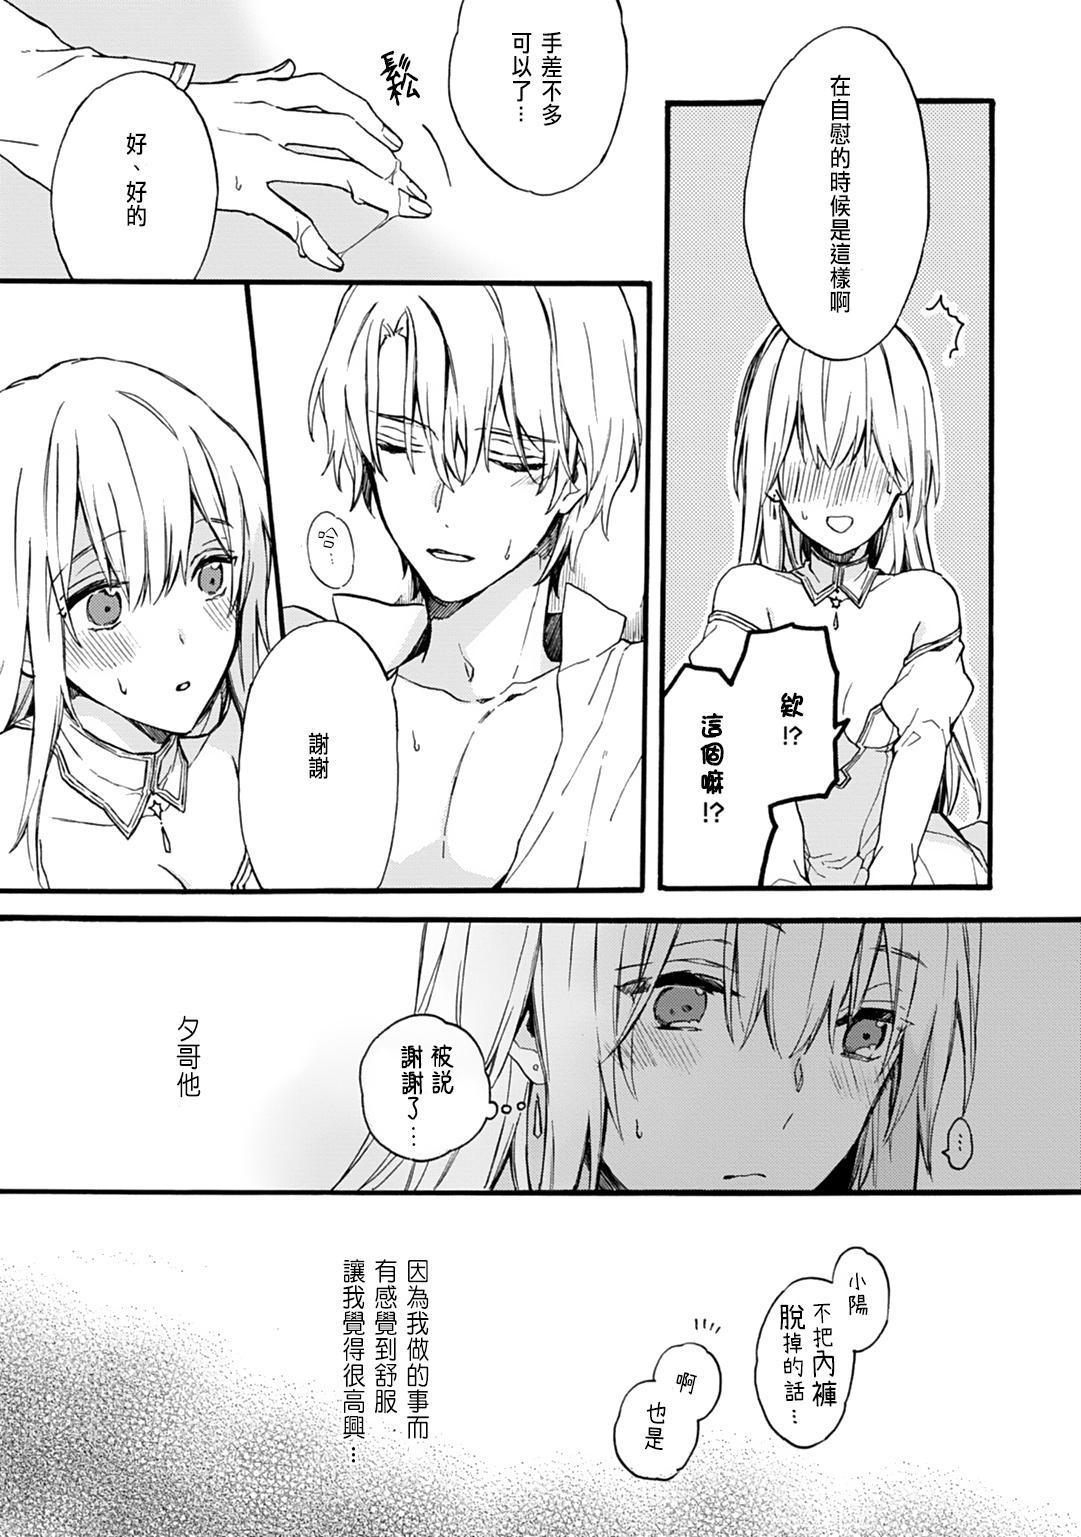 [Suzushiro Nerita] Otomege (18-kin) de Nyotaika shita Ore wa ~Clear Jouken wa Dekiai Ecchi!?~ 1-3 [Chinese] 52